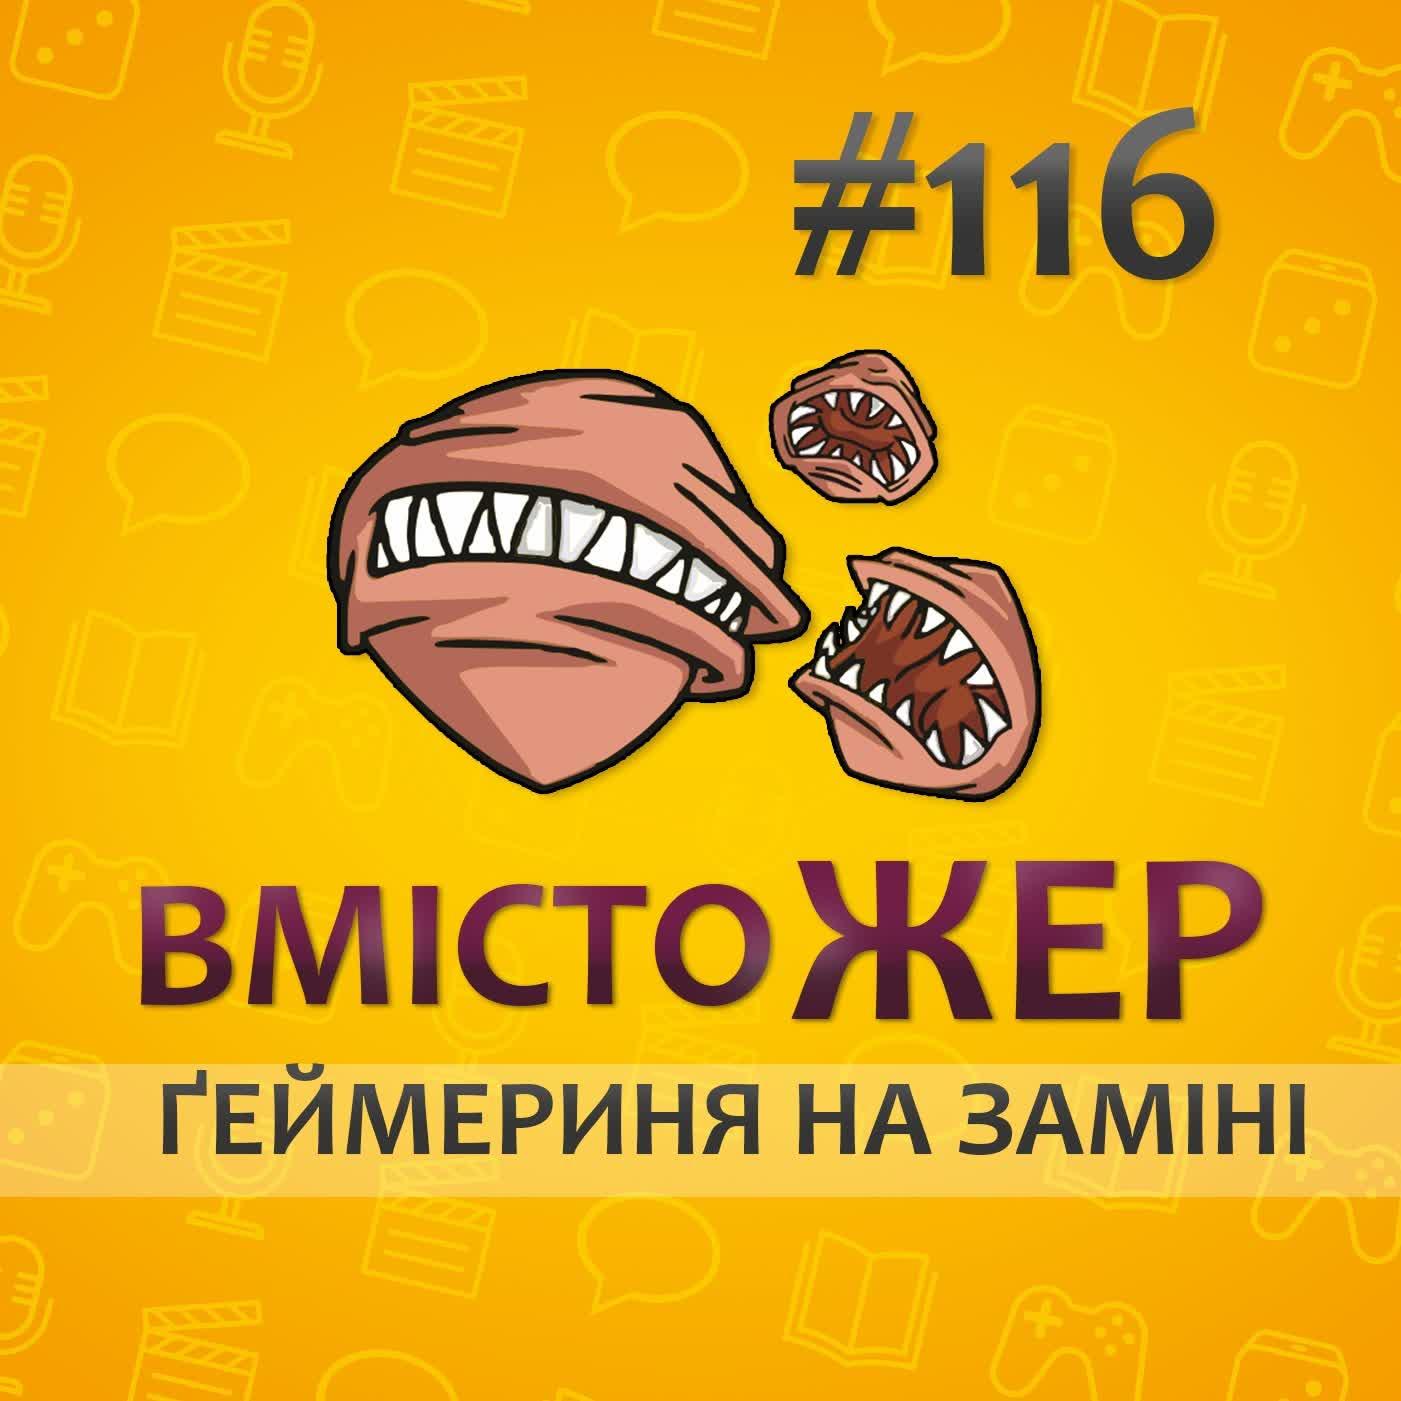 Вмістожер 116 — ҐЕЙМЕРИНЯ НА ЗАМІНІ